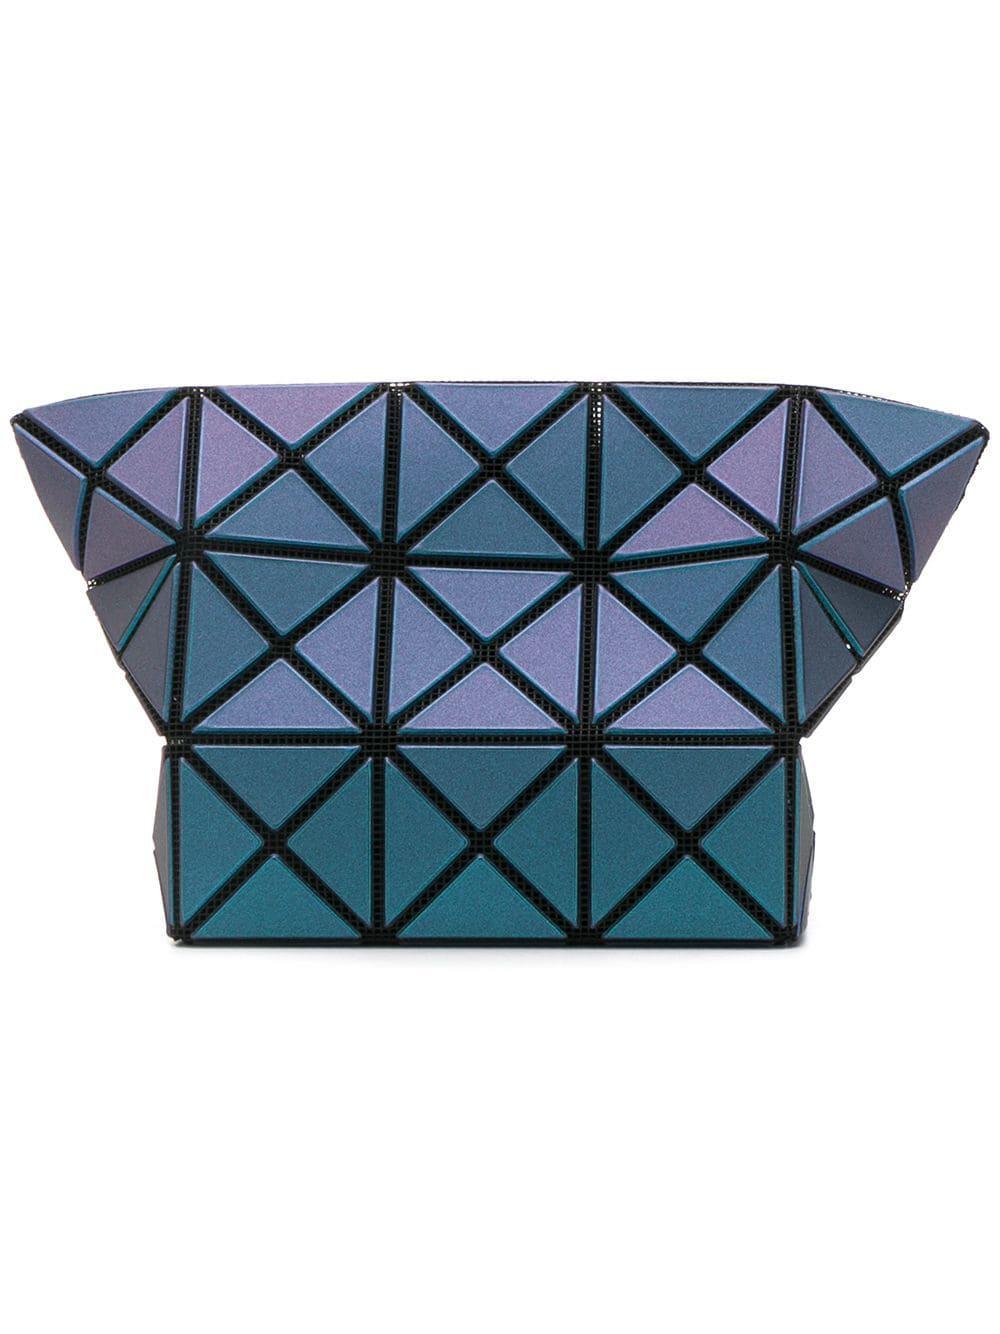 bd1f4bfe1144 Lyst - Bao Bao Issey Miyake Geometric Make-up Bag in Blue - Save 7%